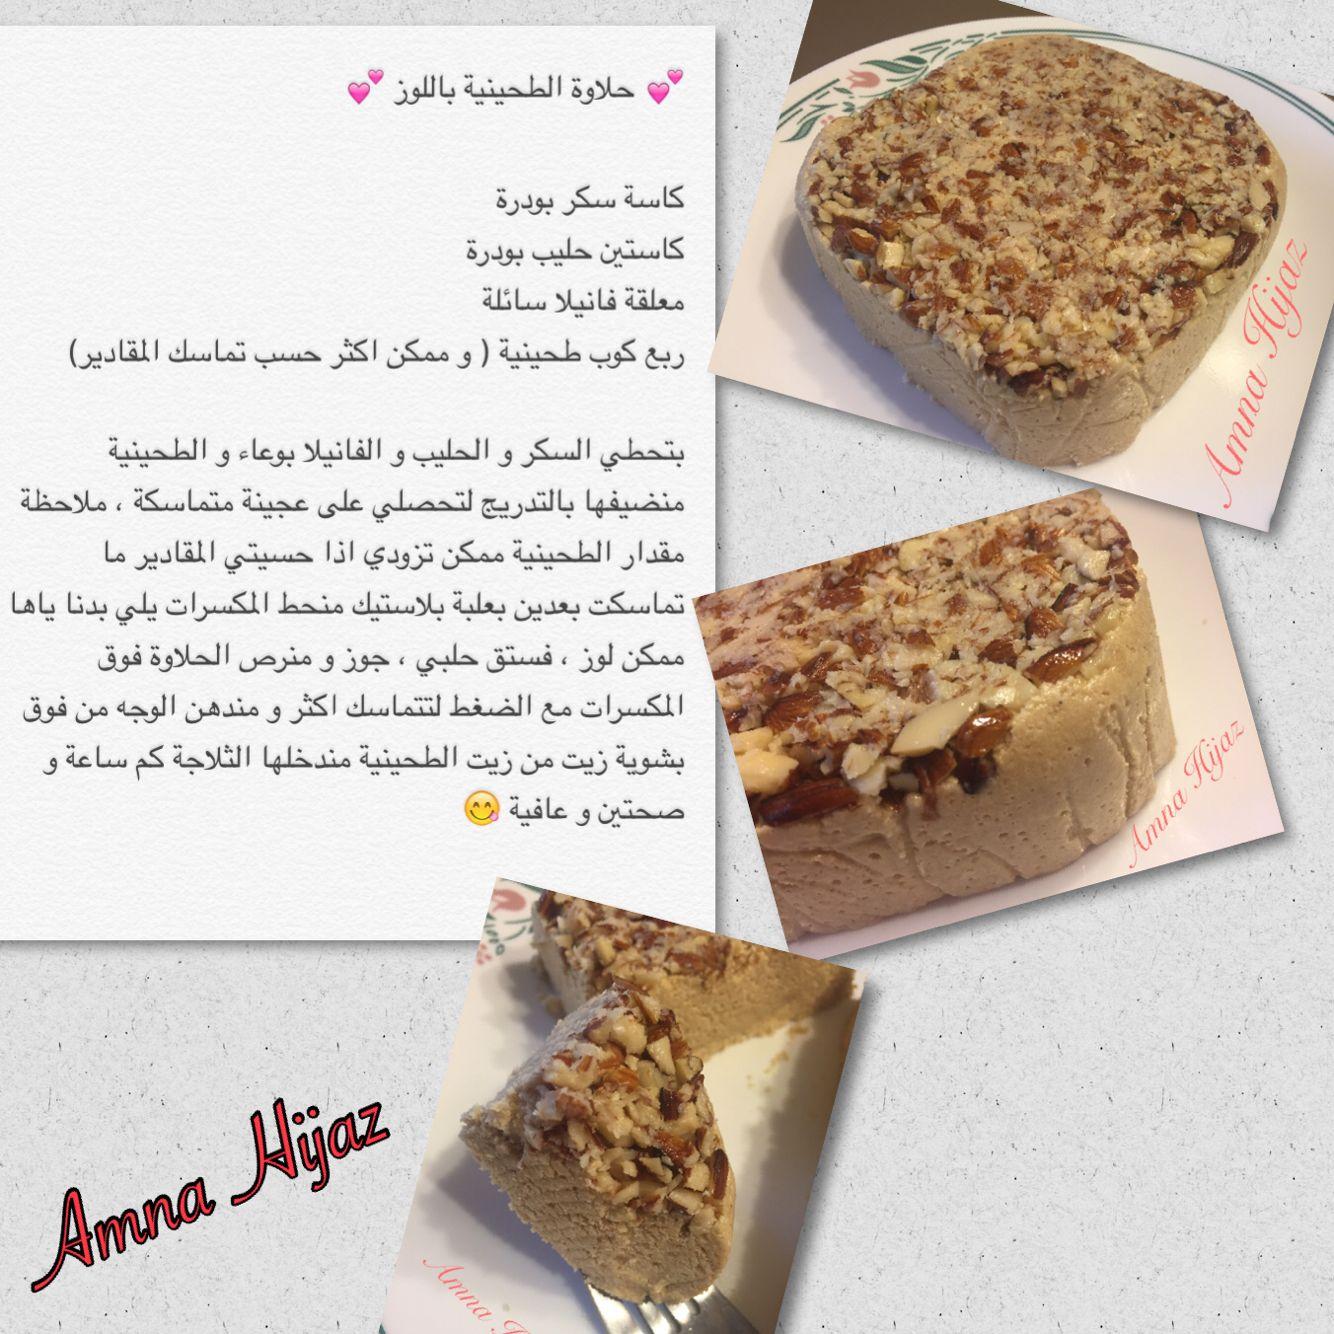 حلاوة الطحينية باللوز Arabic Food Food My Recipes